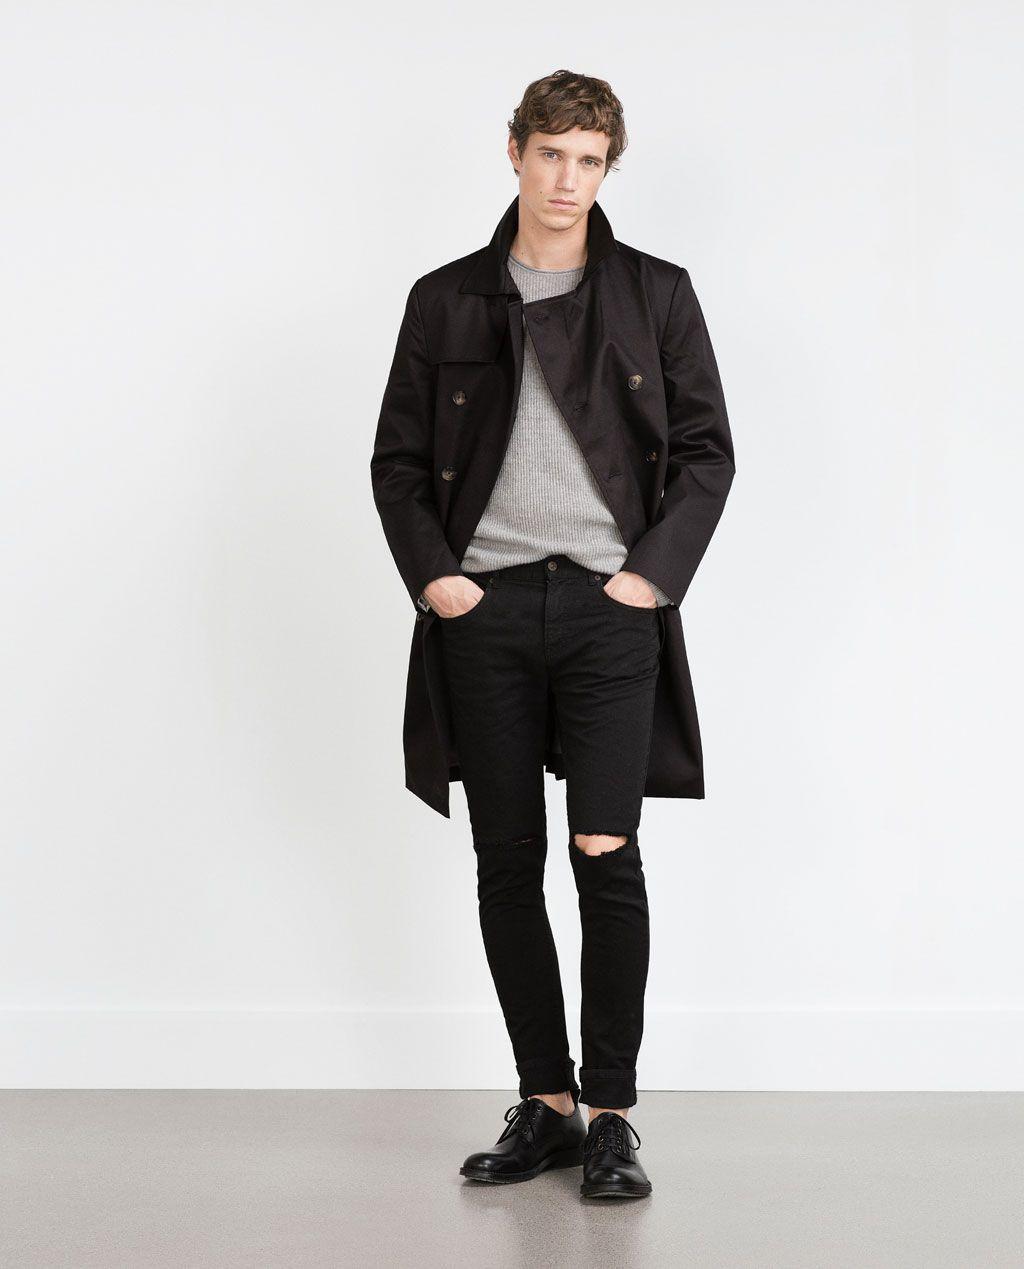 Men Rodilla Fashion En Aw15 Pantalón Zara Rotos Colección 2018 xS6wP4